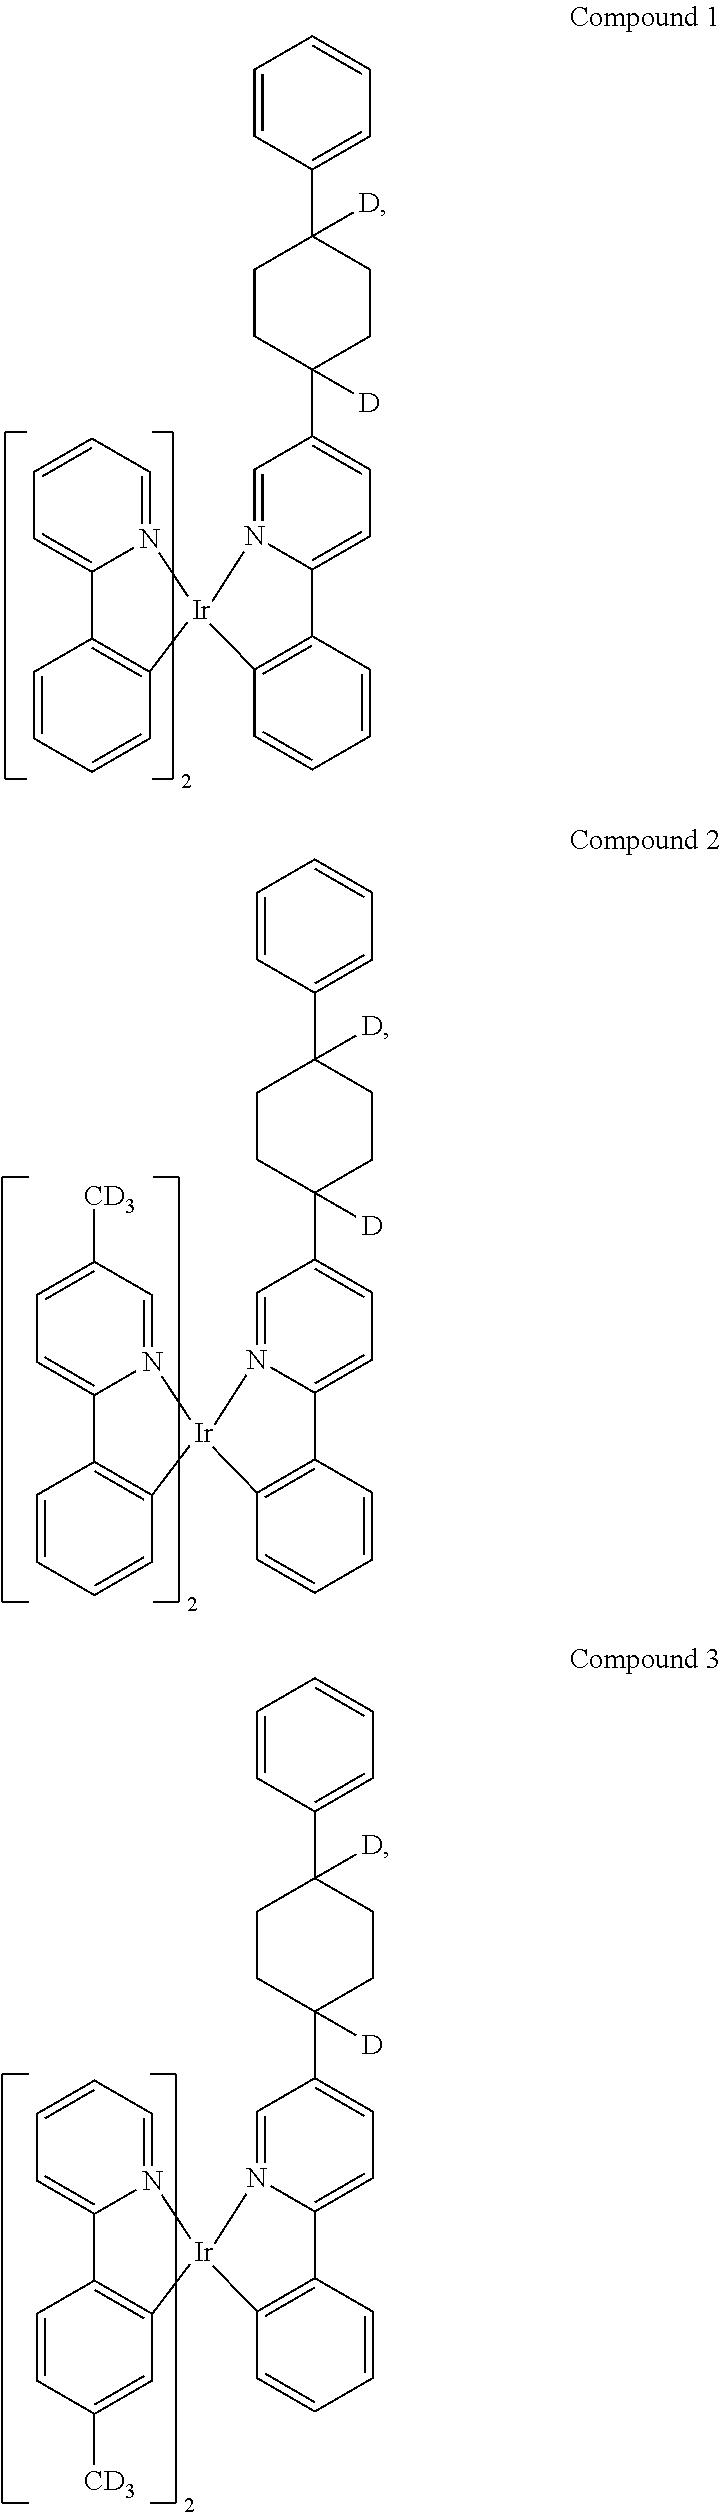 Figure US20180076393A1-20180315-C00021